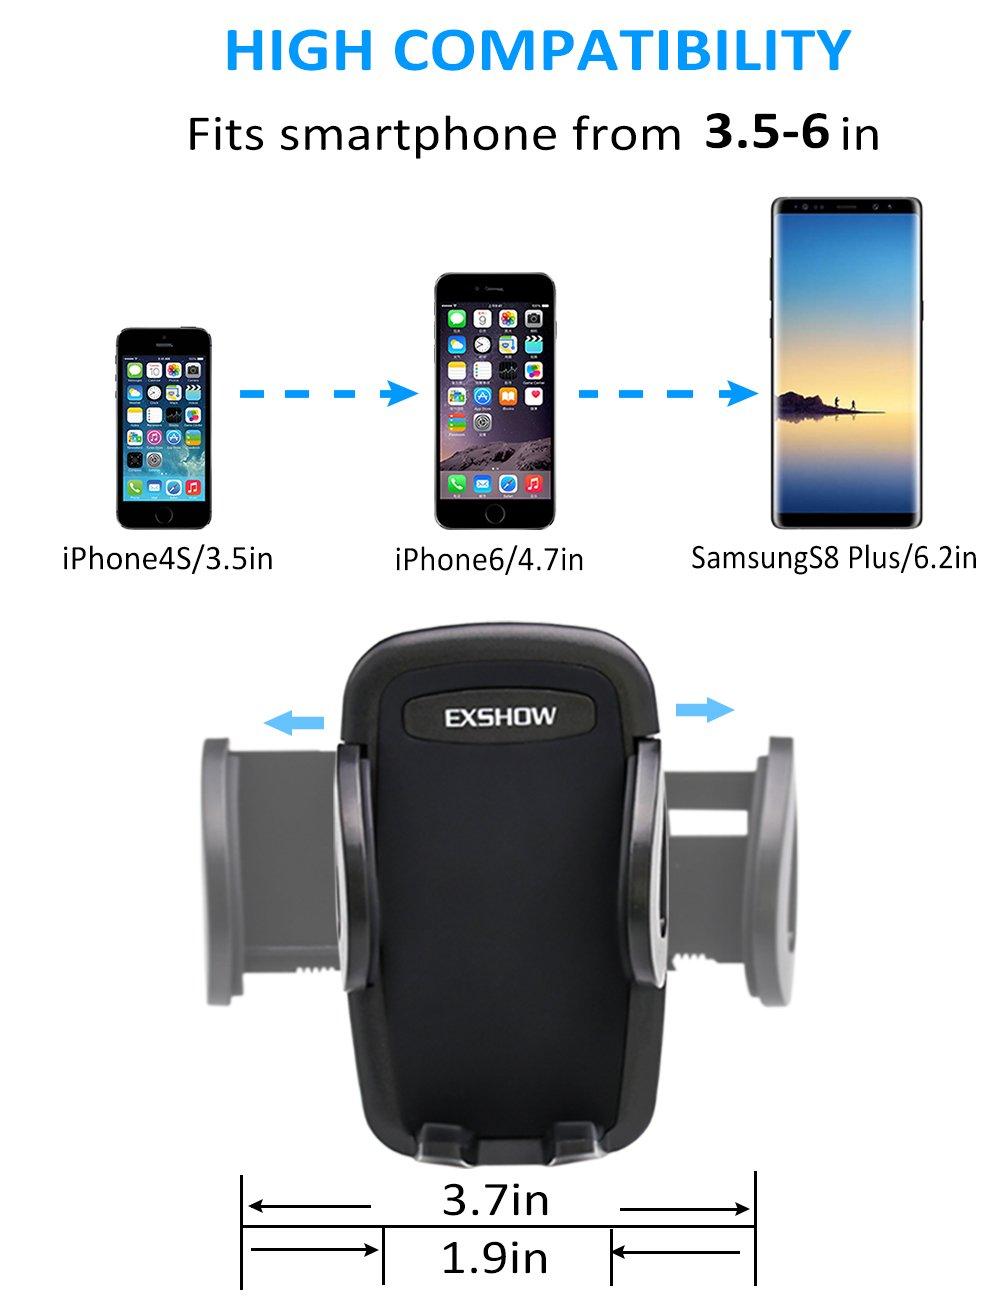 2 Pack shenzhenshi chaochenxing kejiyouxiangongsi EXH581-Black-2Pack EXSHOW Car Windshield Phone Mount with One Touch Design for Semi,Pickup Truck